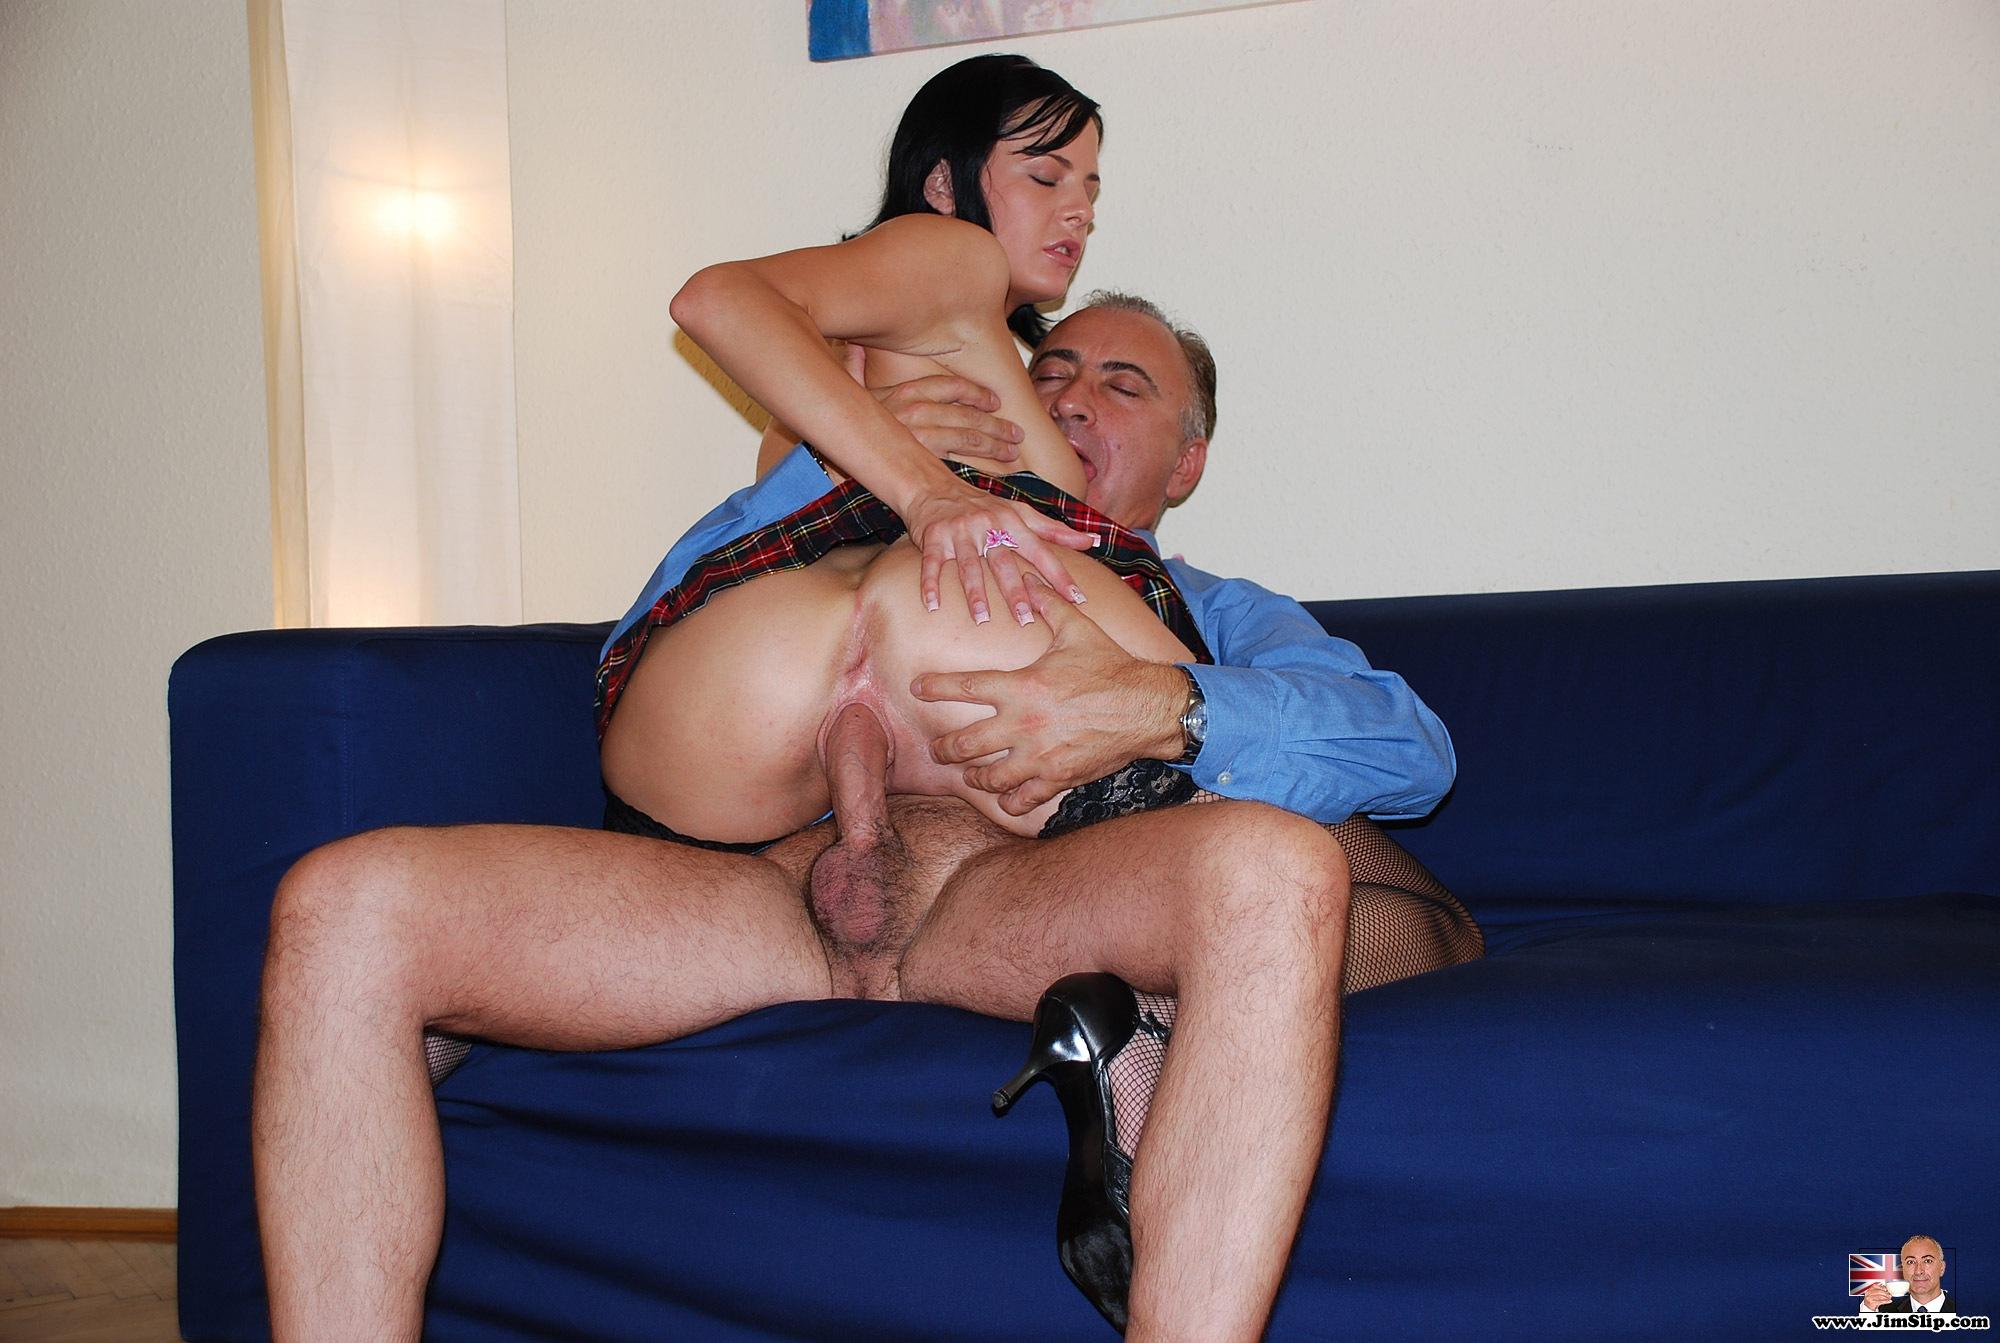 Slutty english girl gets a dp - 3 4